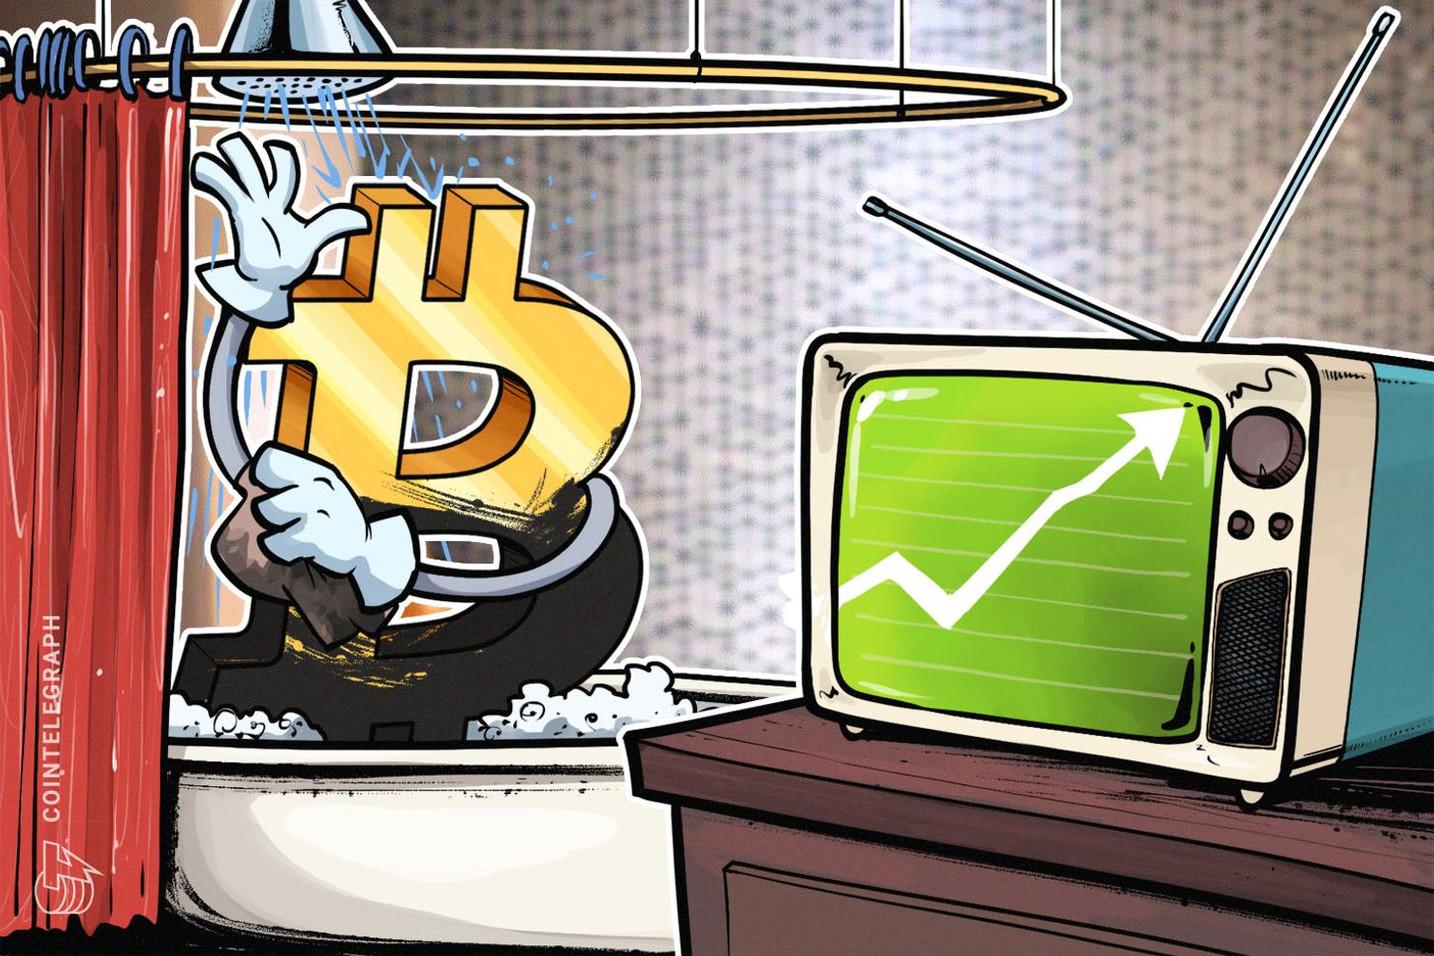 中国の新型コロナウイルス、「ビットコイン上昇の要因ではない」=著名投資家【仮想通貨相場】